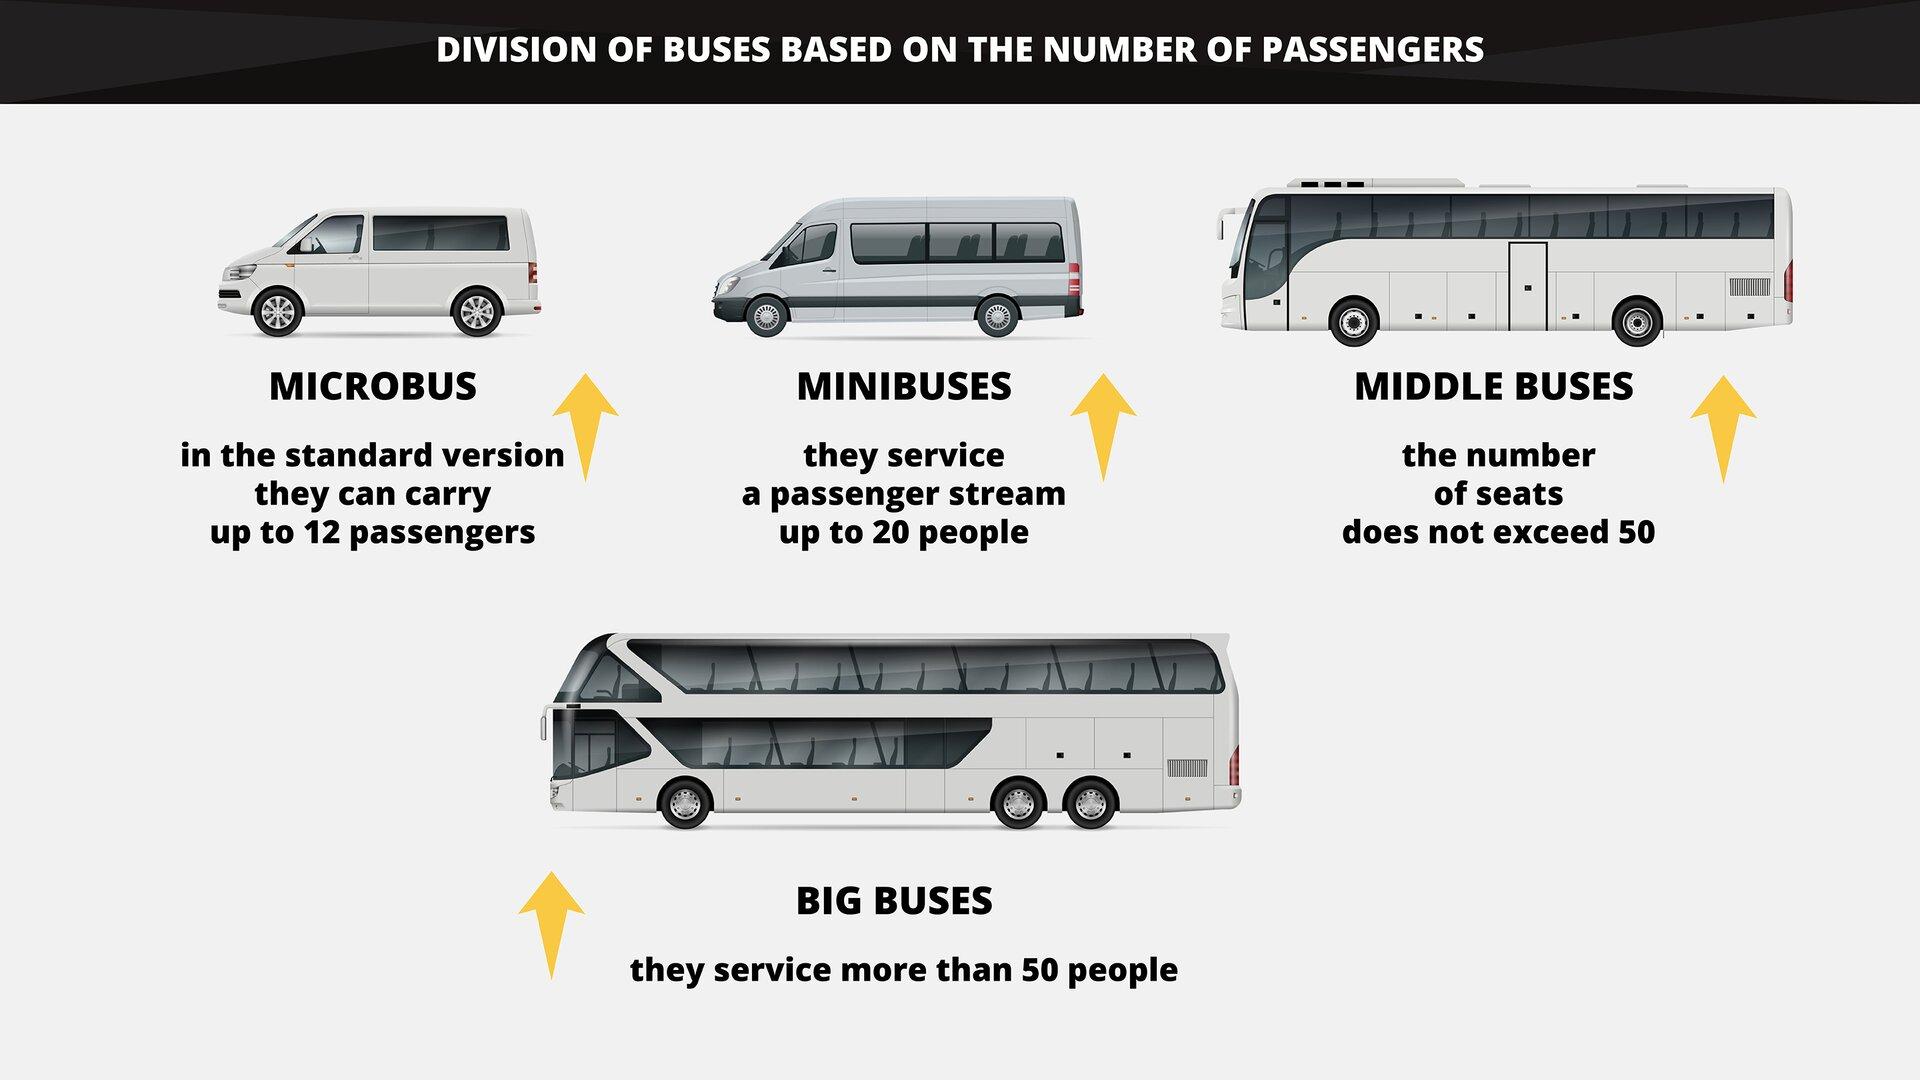 The graphics shows the division of buses based on the number of passengers. Grafika przedstawia podział autobusów ze względu na liczbę pasażerów.